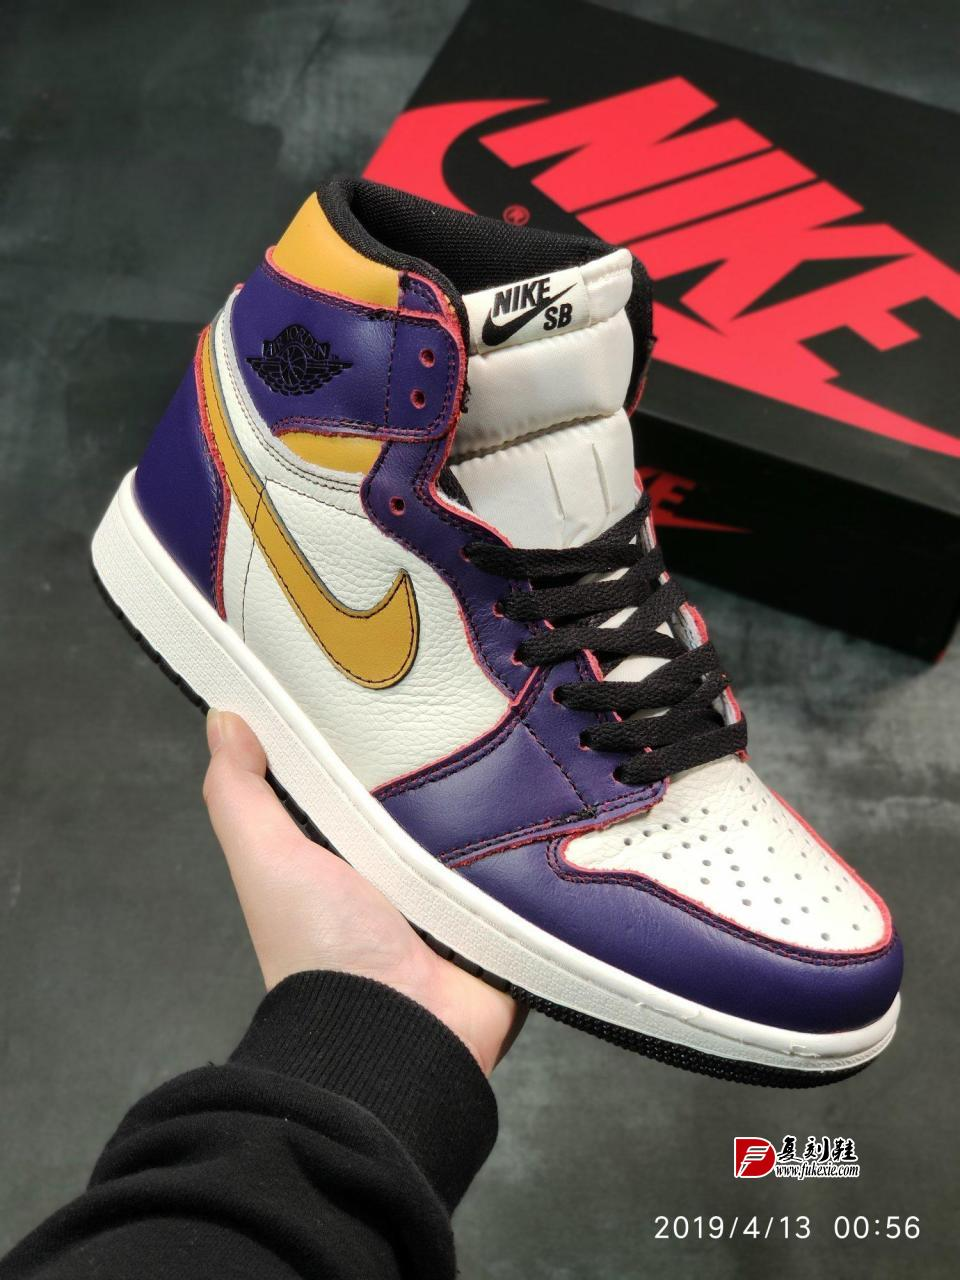 全新配色Nike SB x Air Jordan 1 Retro High OGNike SB与Jordan Brand合作打造的新配色滑板鞋Air Jordan 1 High之一